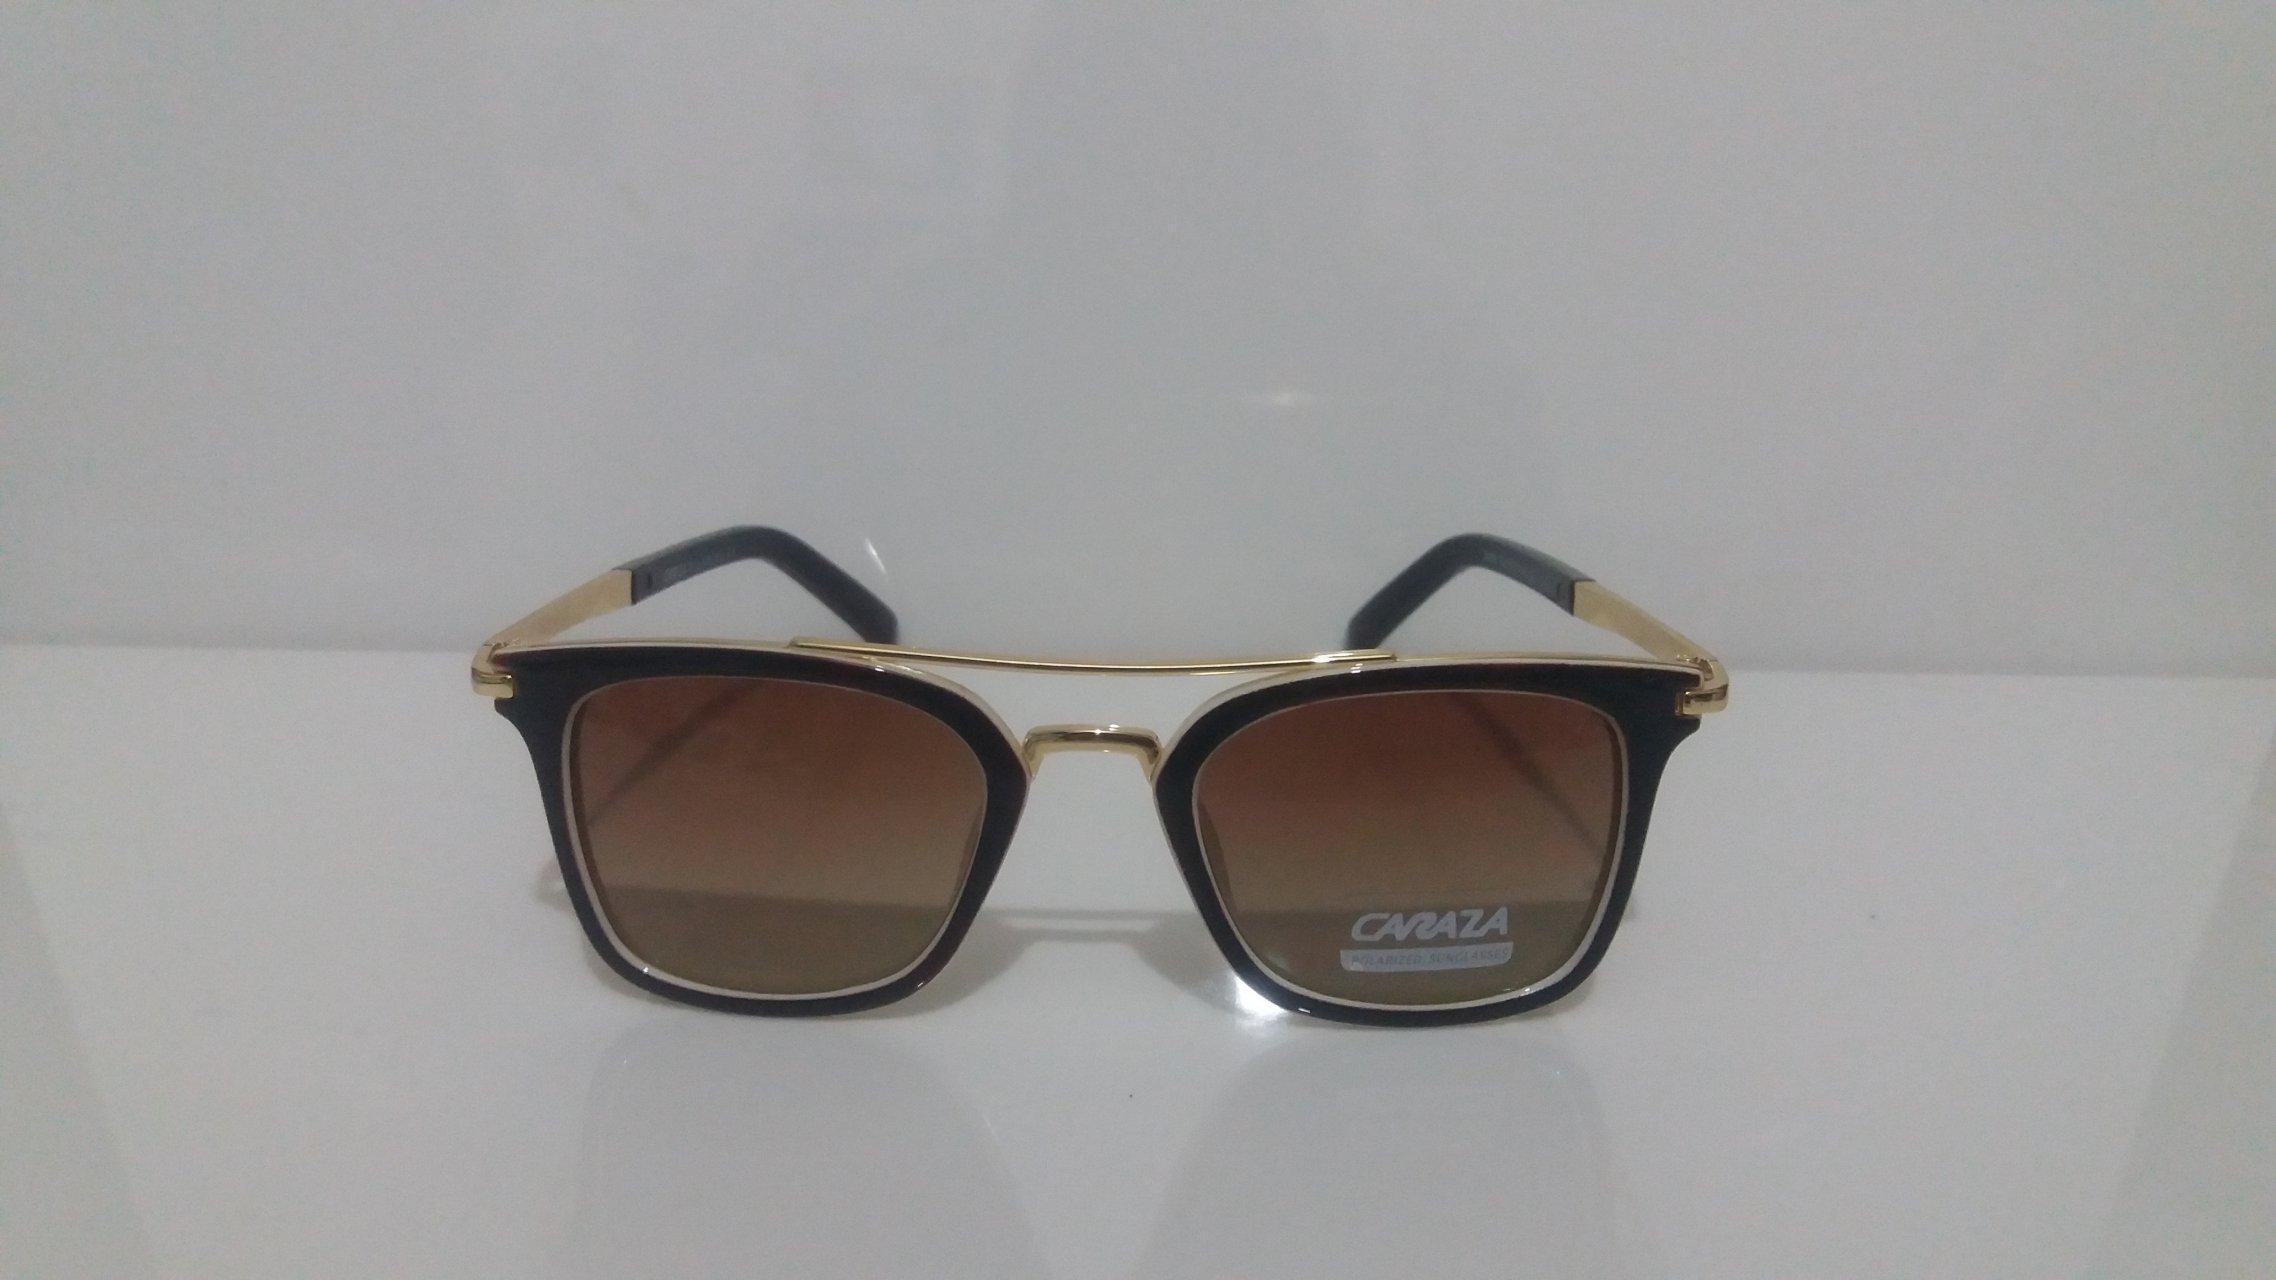 عینک آفتابی زنانه کارازا کد 58